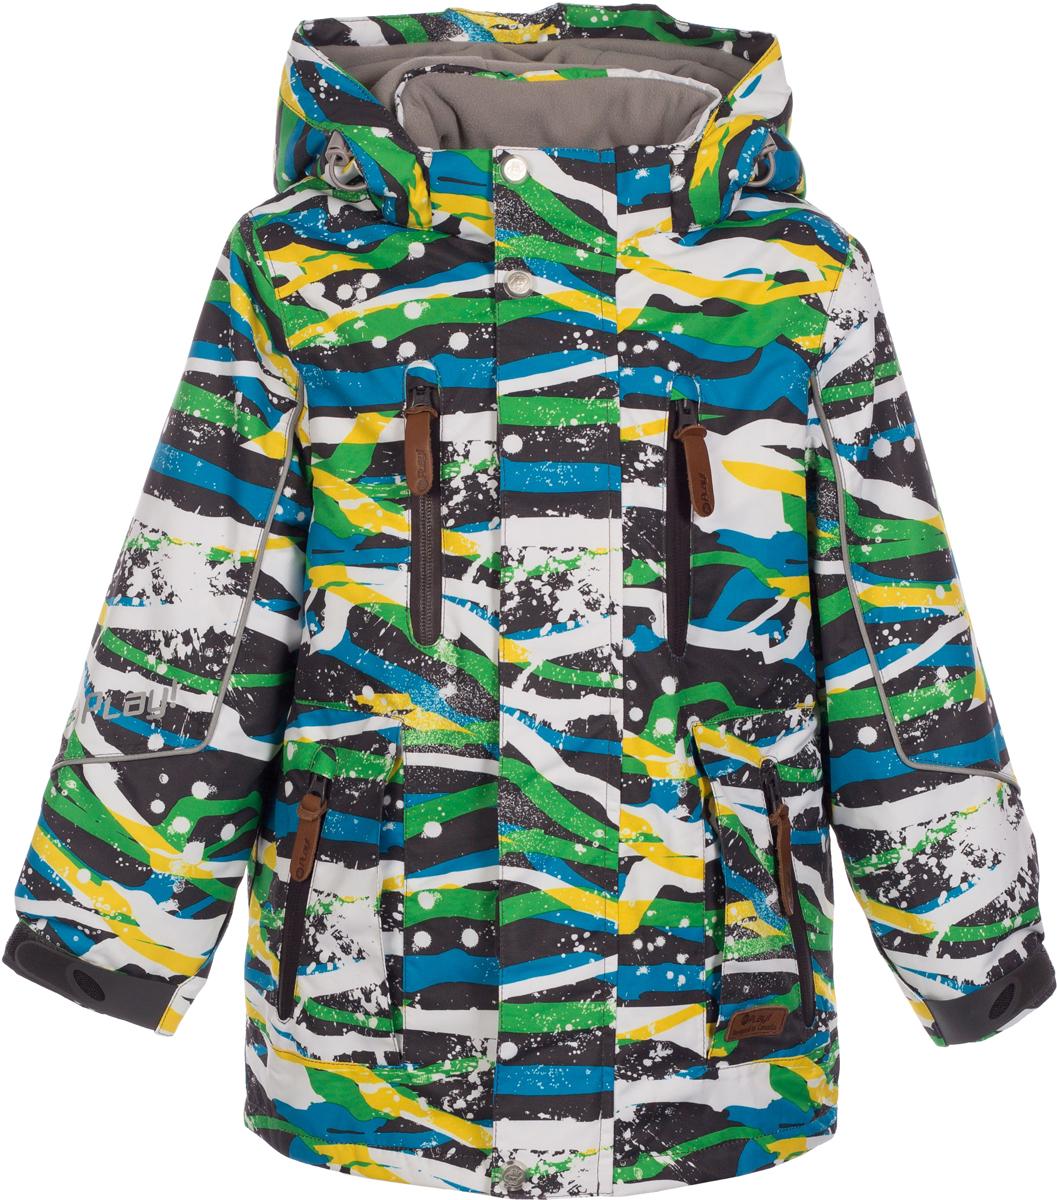 Куртка для мальчика atPlay!, цвет: серый. 2jk733. Размер 1042jk733Куртка-парка от atPlay! для повседневных зимних прогулок, а также активного отдыха на природе в морозный зимний день. Парка выполнена из мембранной ткани и легкого современного утеплителя. Благодаря такому сочетанию тканей, куртка легкая, но при этом теплая. Ткань верха в сочетании с дышащими свойствами мембраны 10000/10000 защищает от мокрого снега и от ветра снаружи, хорошо отводит влагу от тела, поэтому подходит для высокой активности. Самый технологичный на сегодняшний день утеплитель Thinsulate сохранит тепло в 3 раза лучше по сравнению с другими видами утеплителей. Ткань с грязе- водоотталкивающей пропиткой , даже при длительных прогулках не намокнет, тем самым доставляя ребенку комфорт и желание познавать новый мир во всей своей красе.